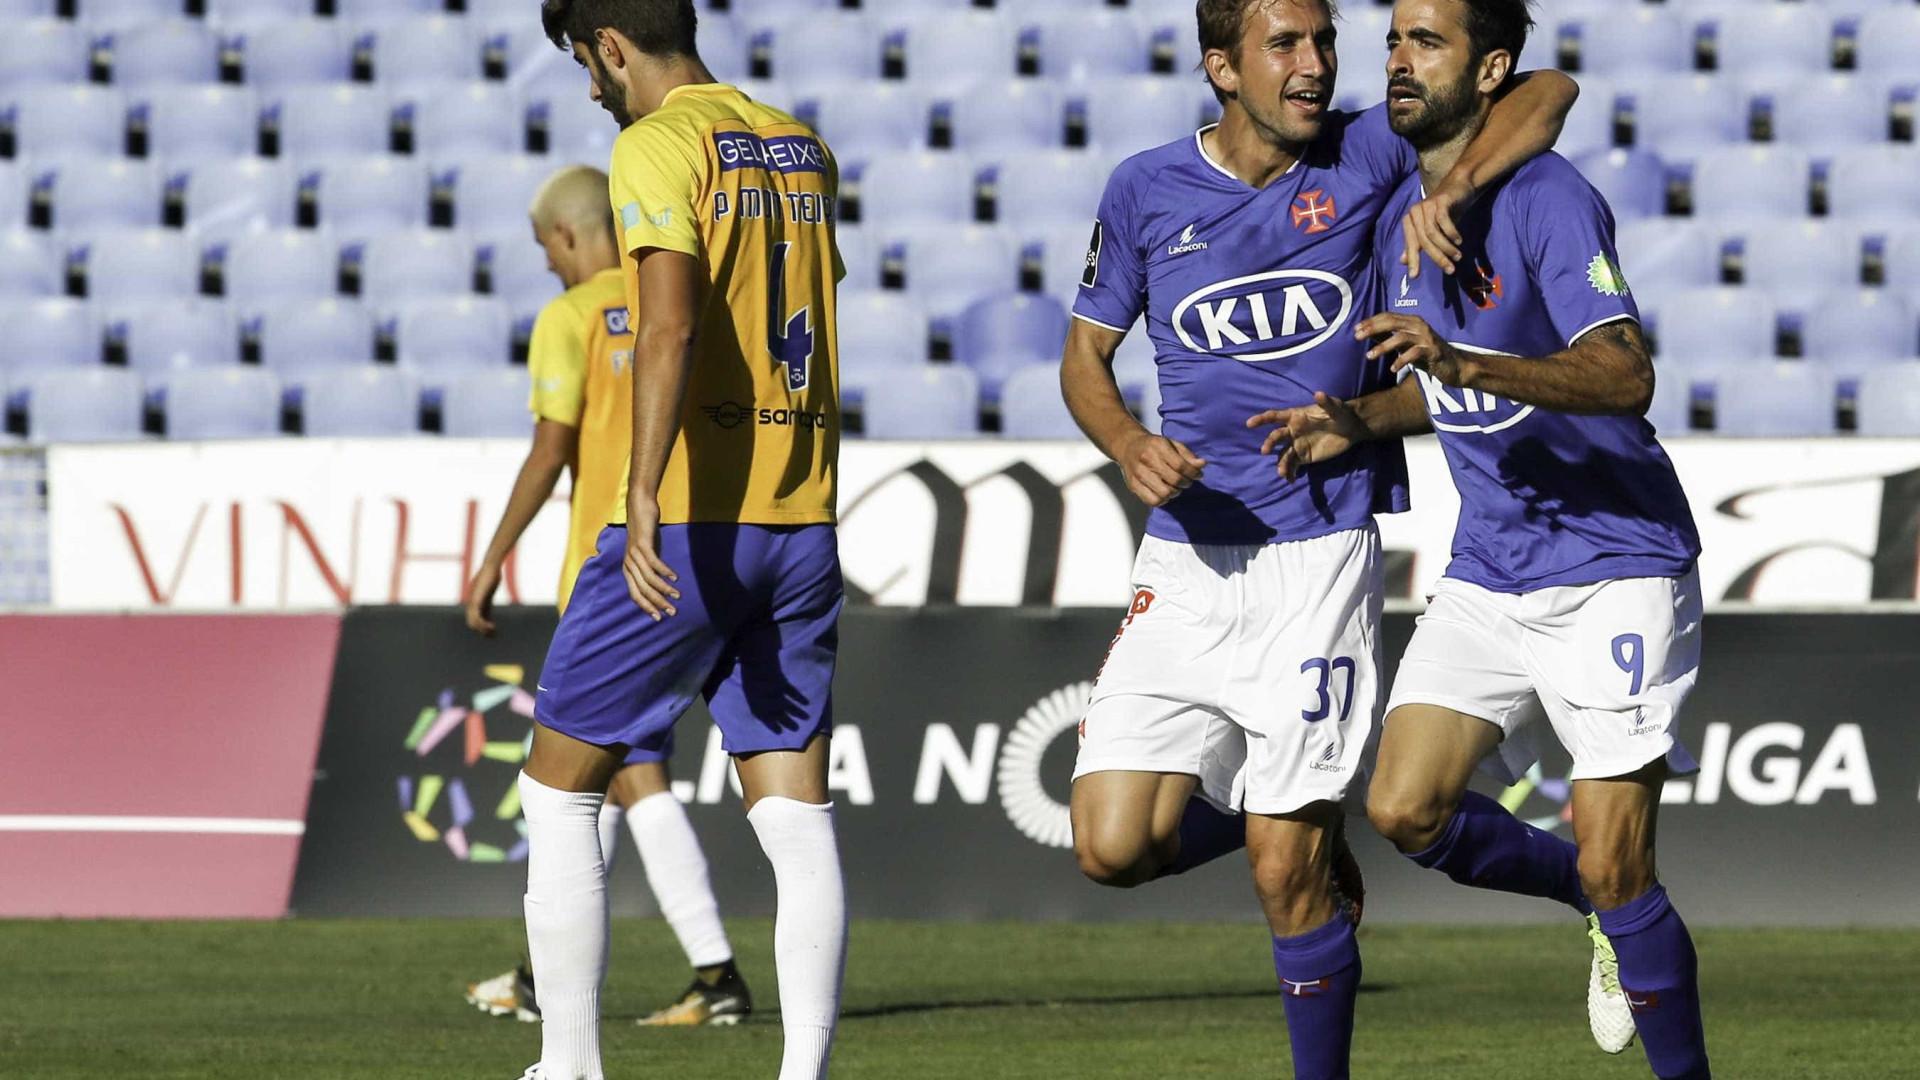 Belenenses vence Estoril com golos de Tiago Caeiro e André Sousa